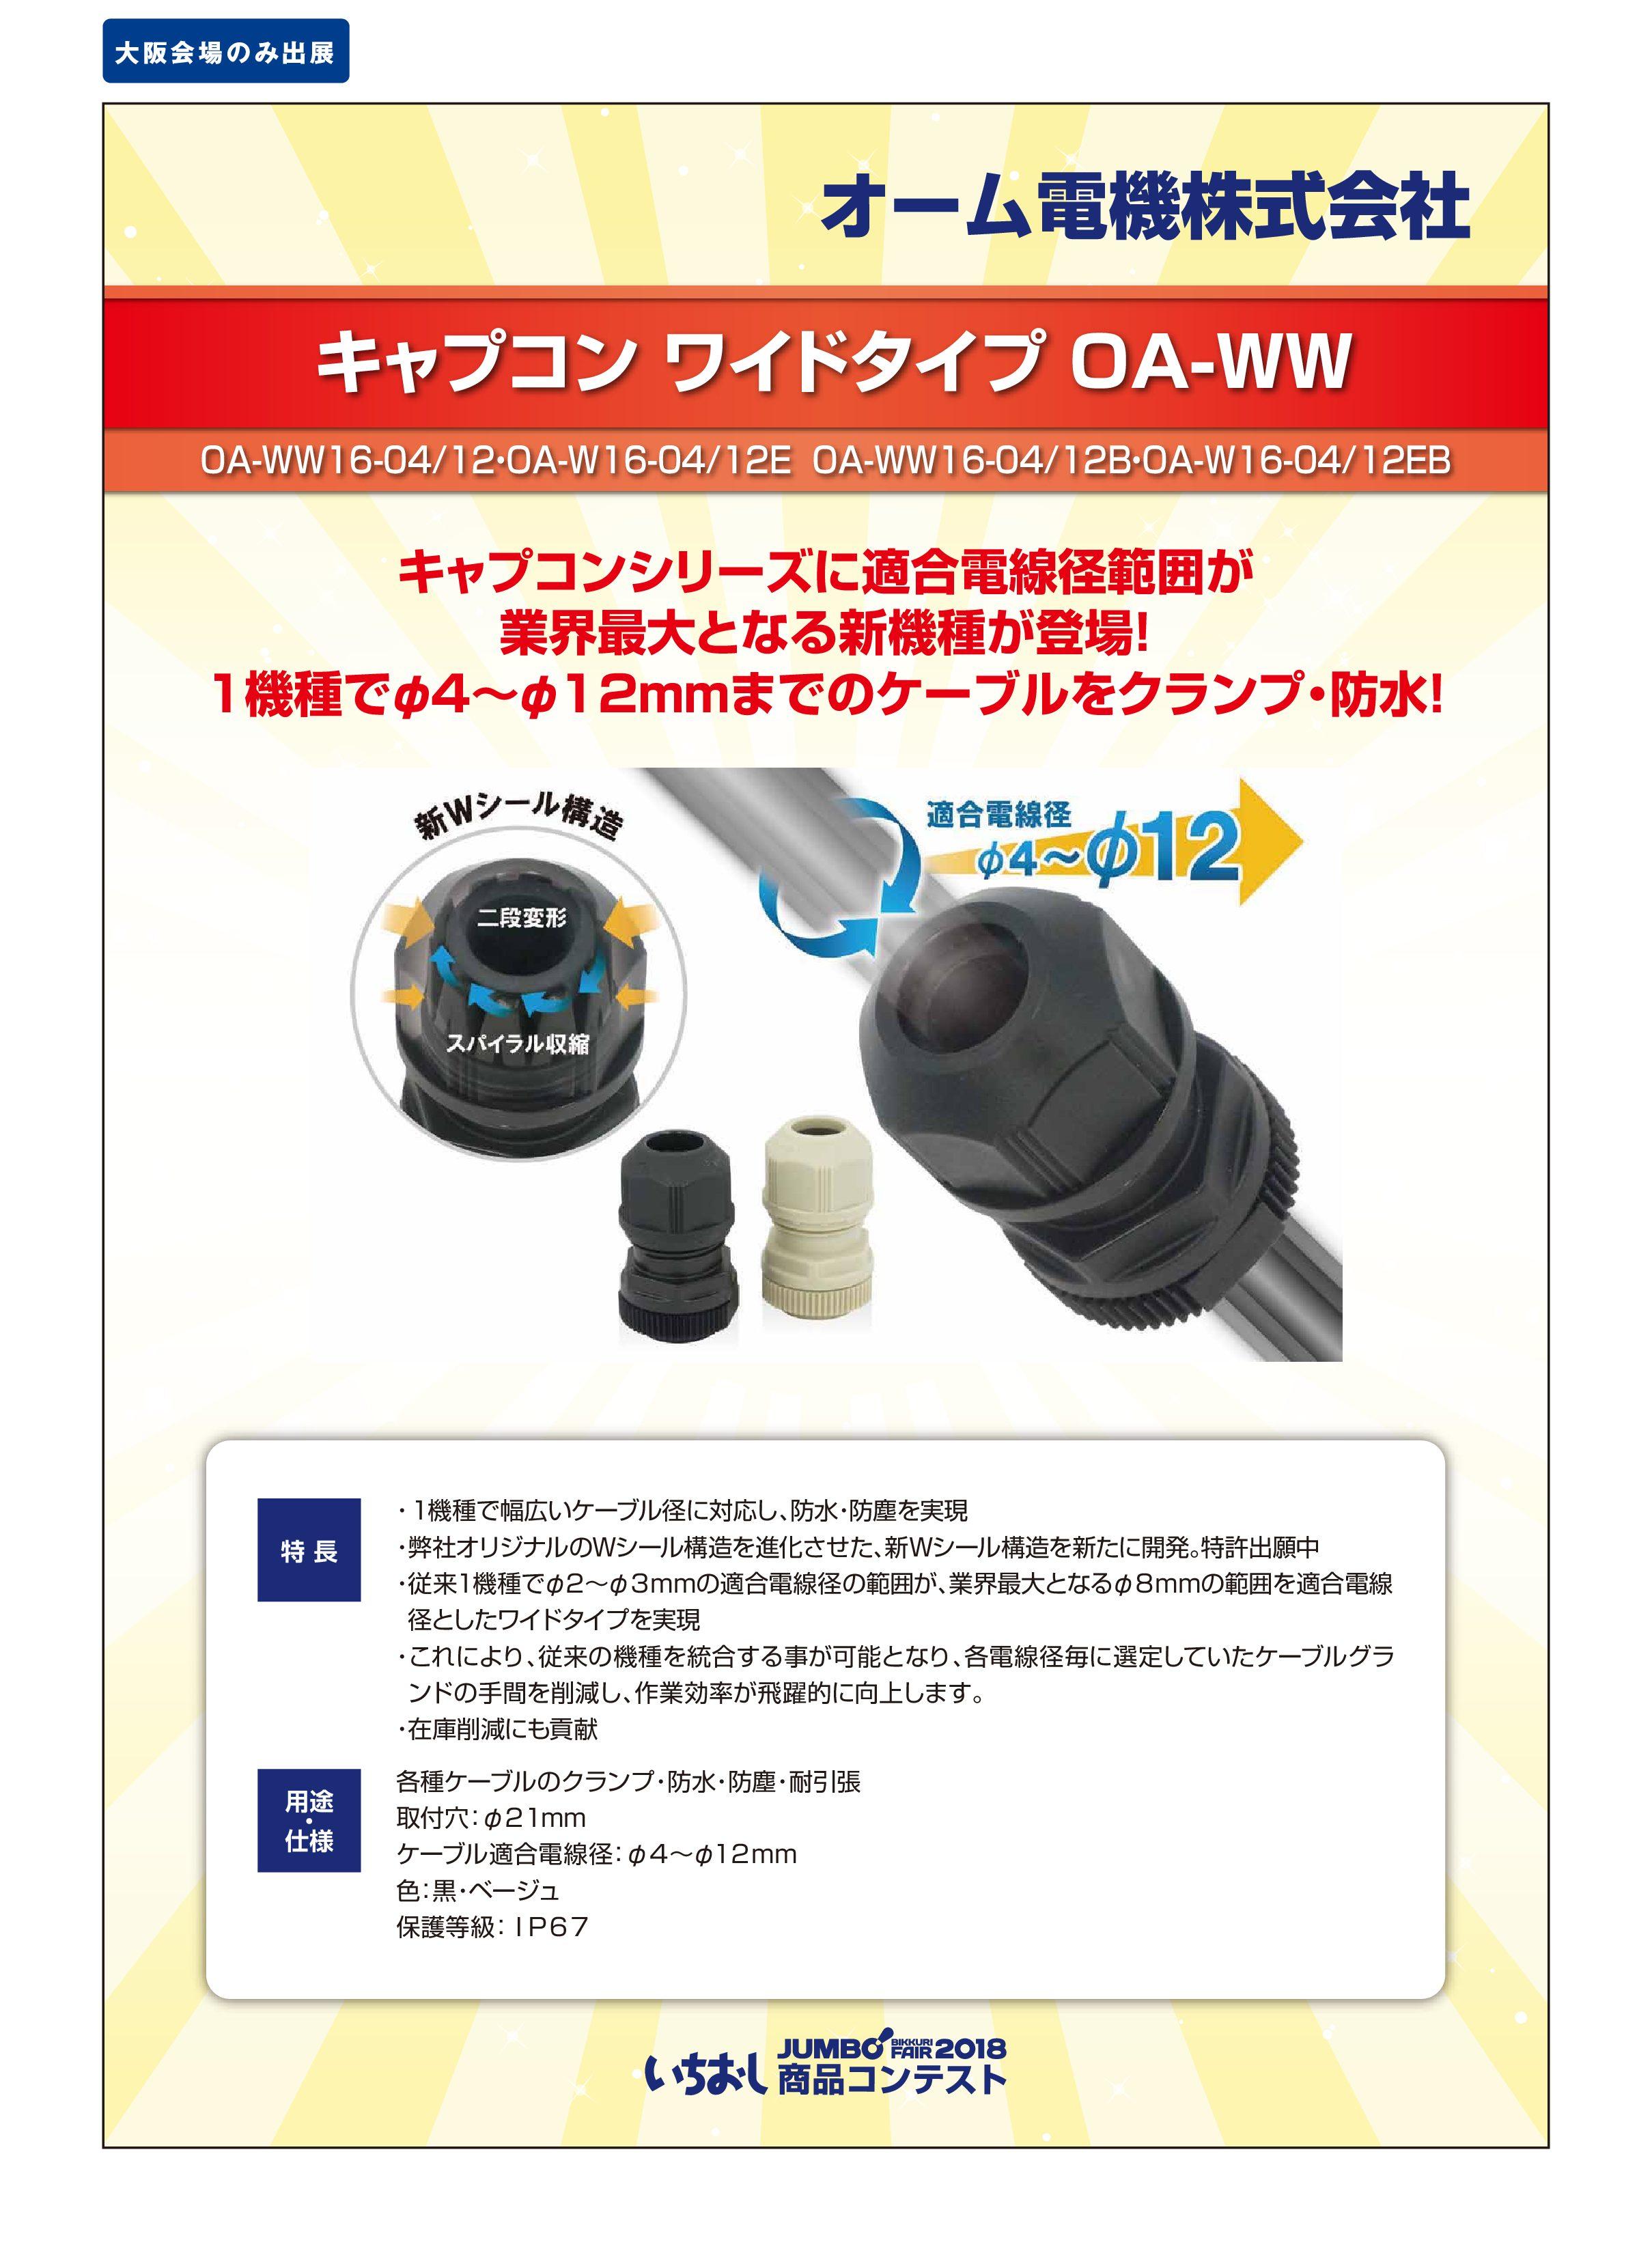 「キャプコン ワイドタイプ  OA-WW」オーム電機株式会社の画像